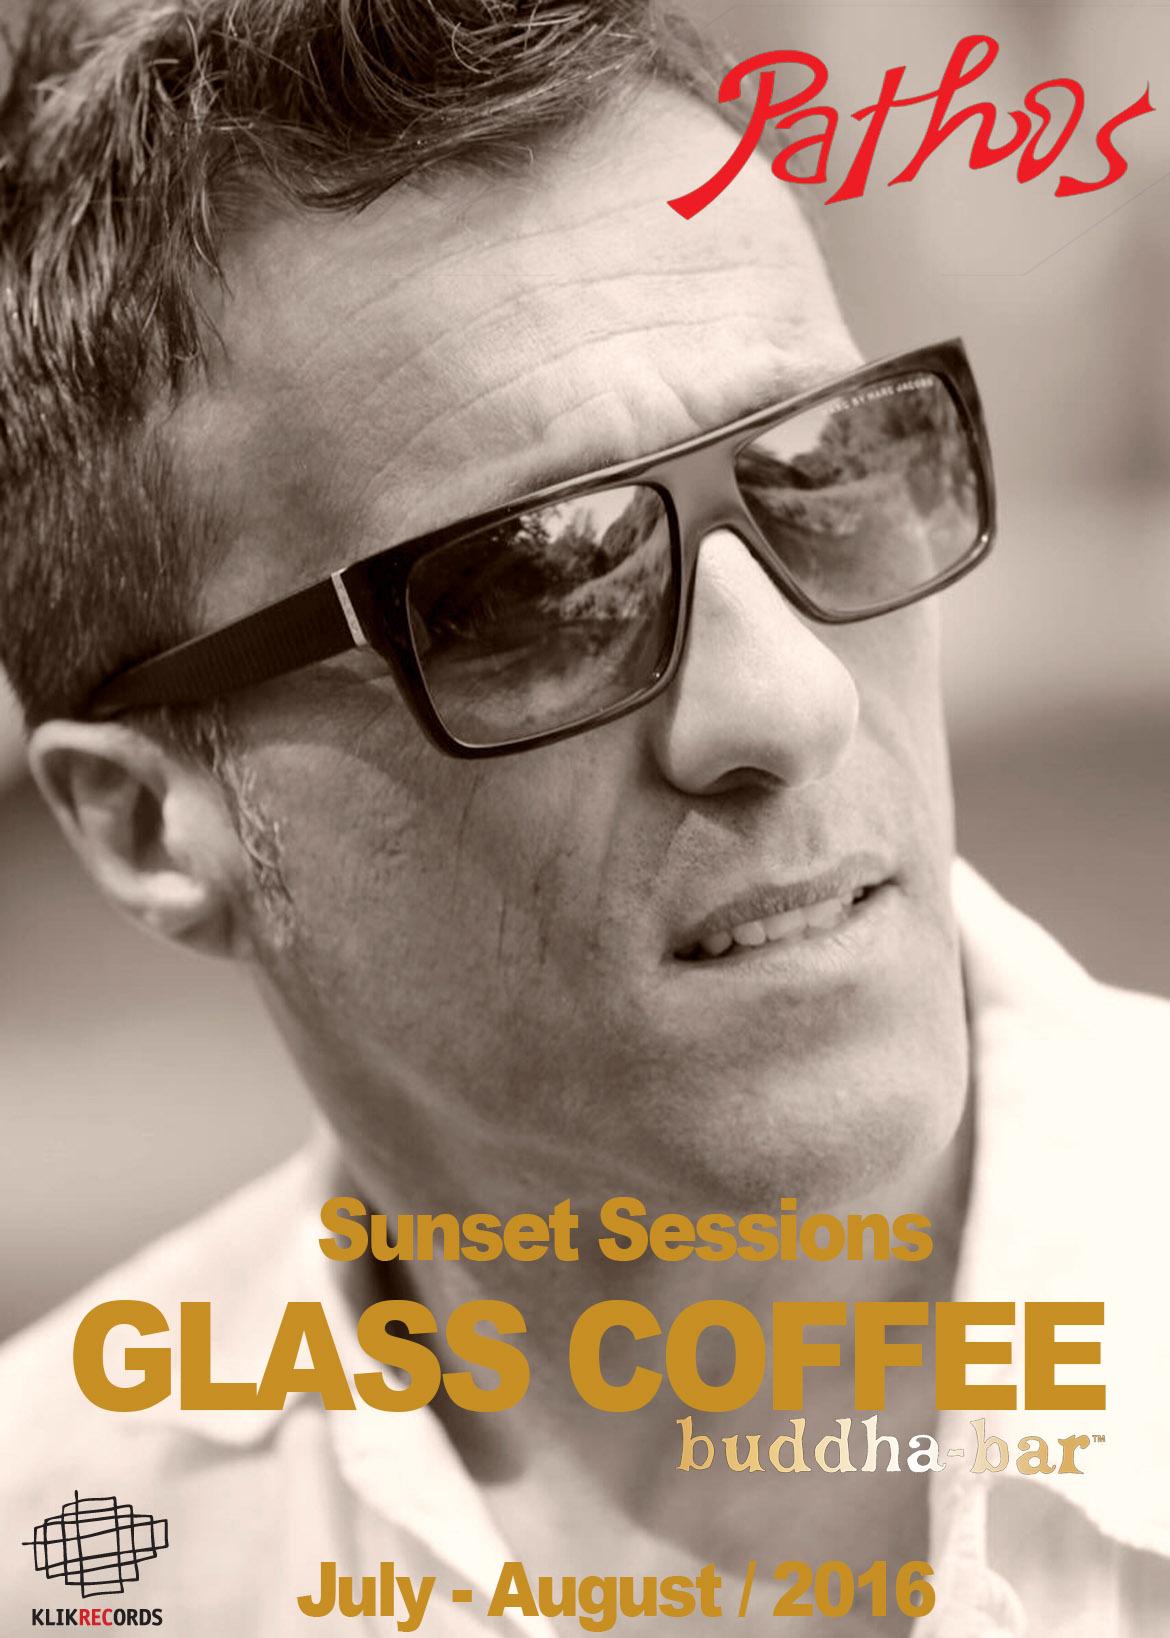 Glass Coffee Pathos Lounge